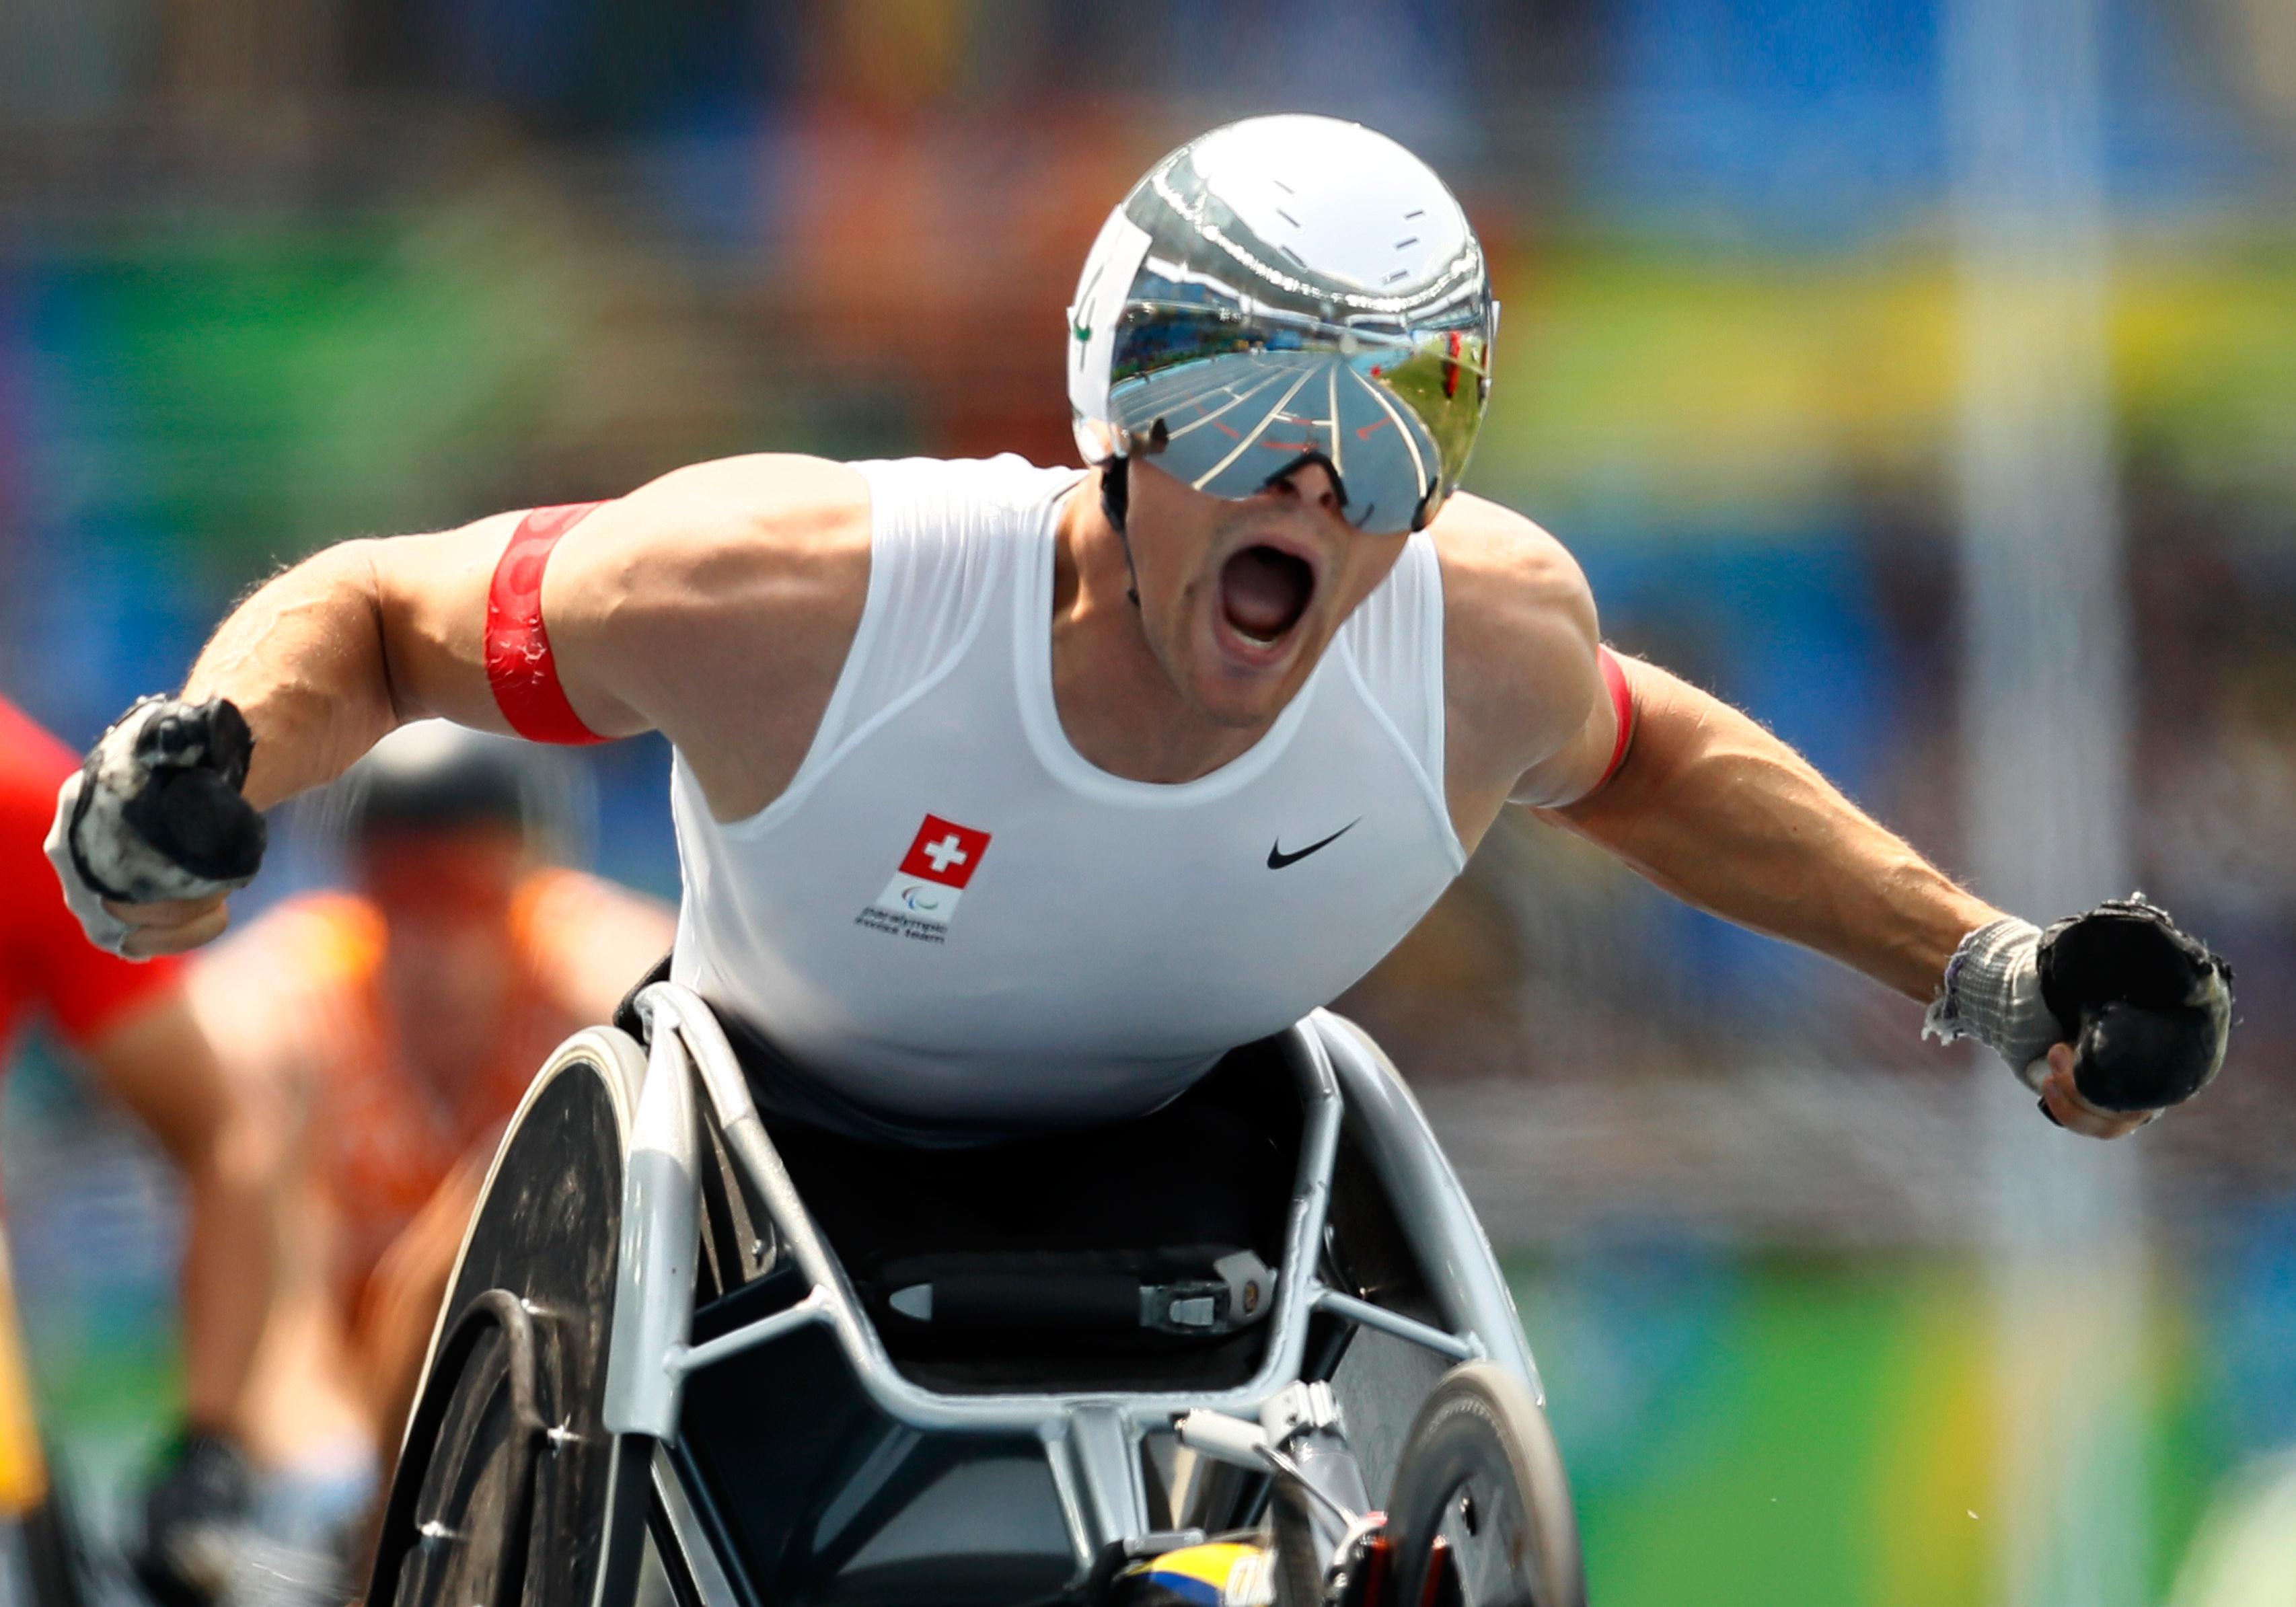 Umfassende medizinische Betreuung von Rollstuhlsportlern jedenAlters und jeder Disziplin